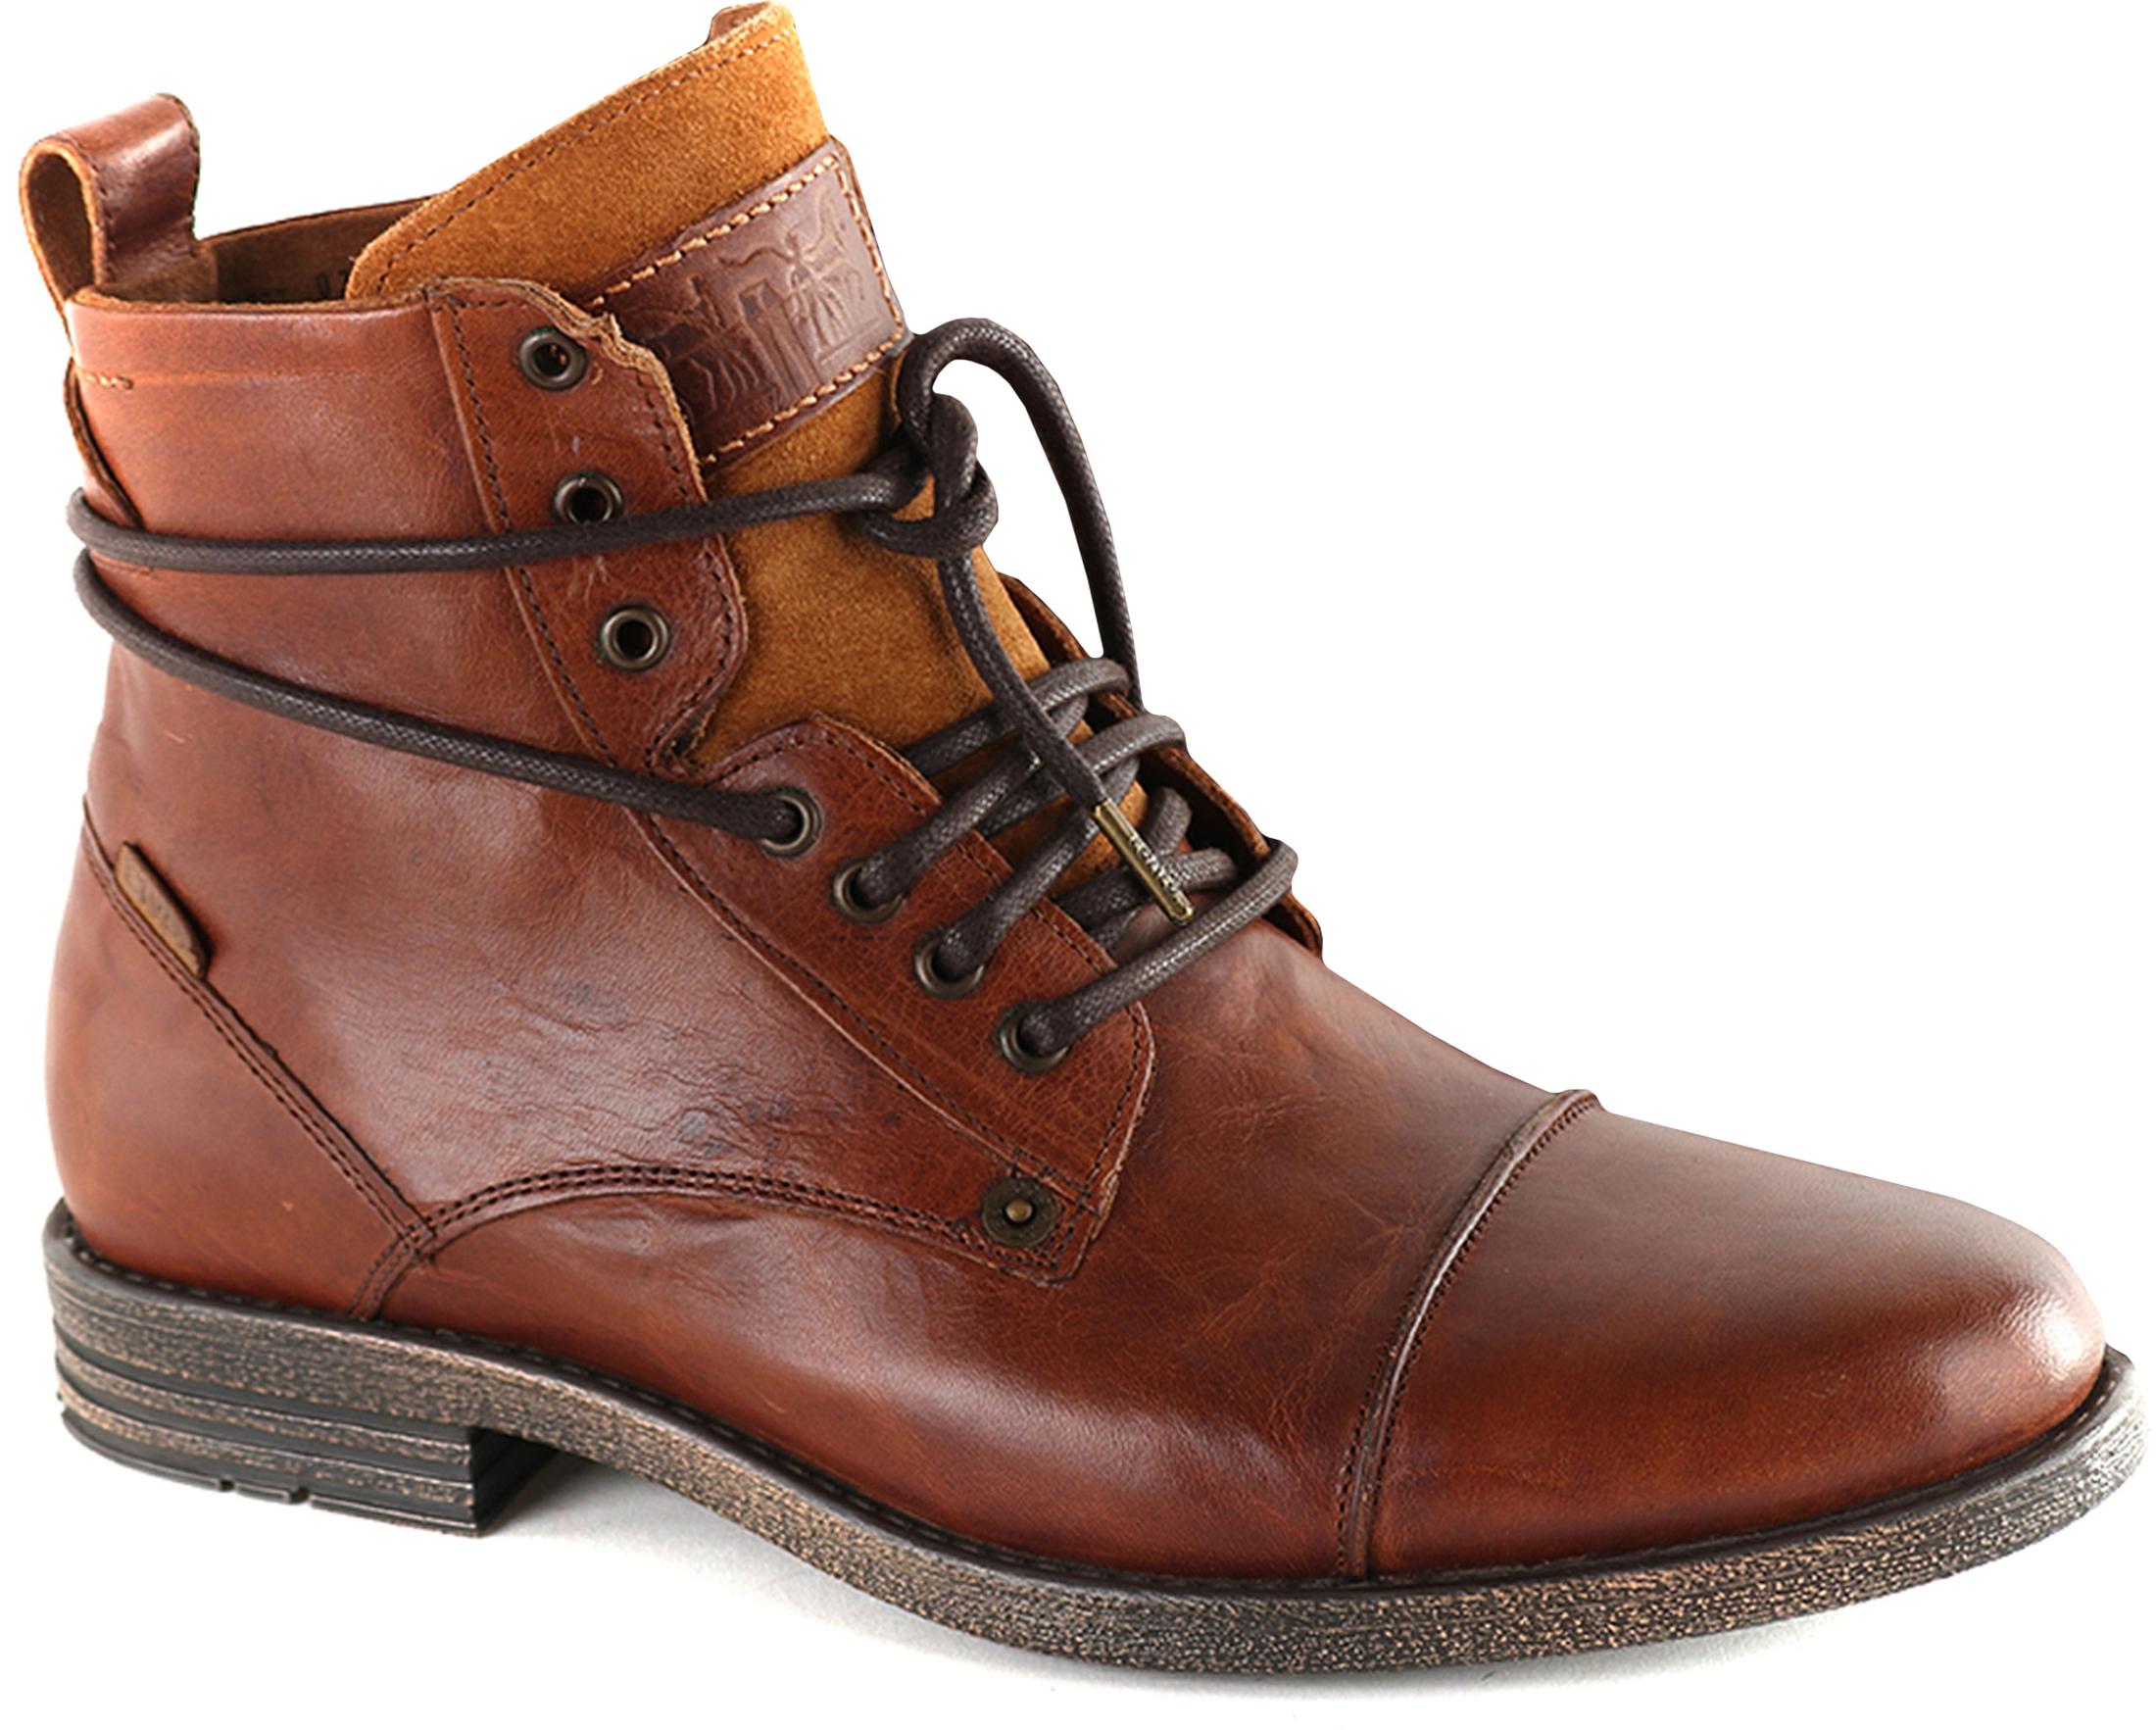 be181415701f6 Levi s Emerson Boots Cognac 225115 EU 700-27 online kaufen